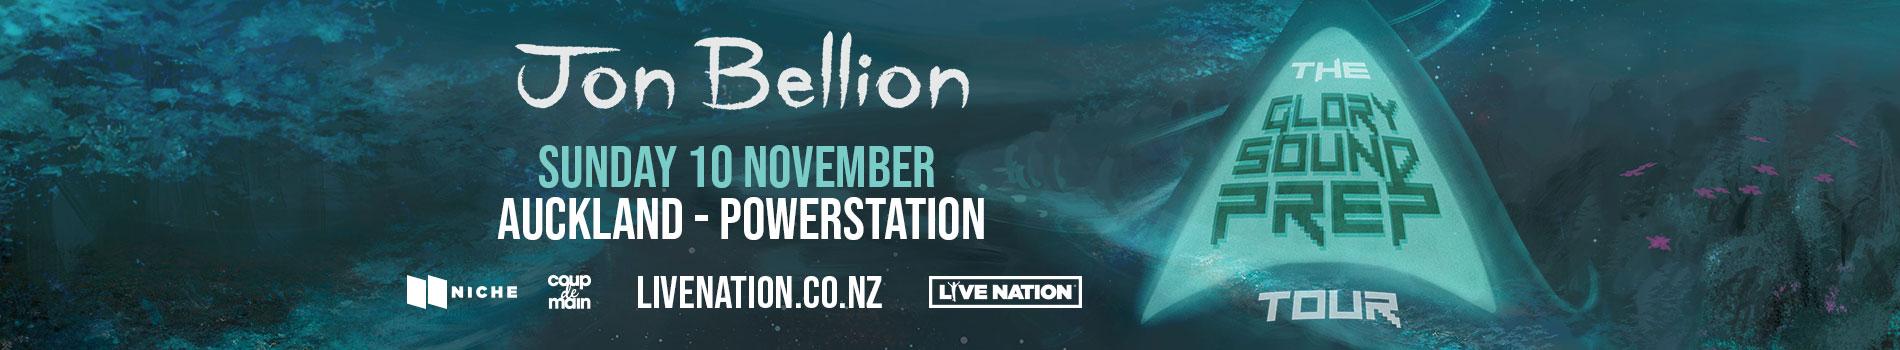 Jon Bellion - Masthead Banner